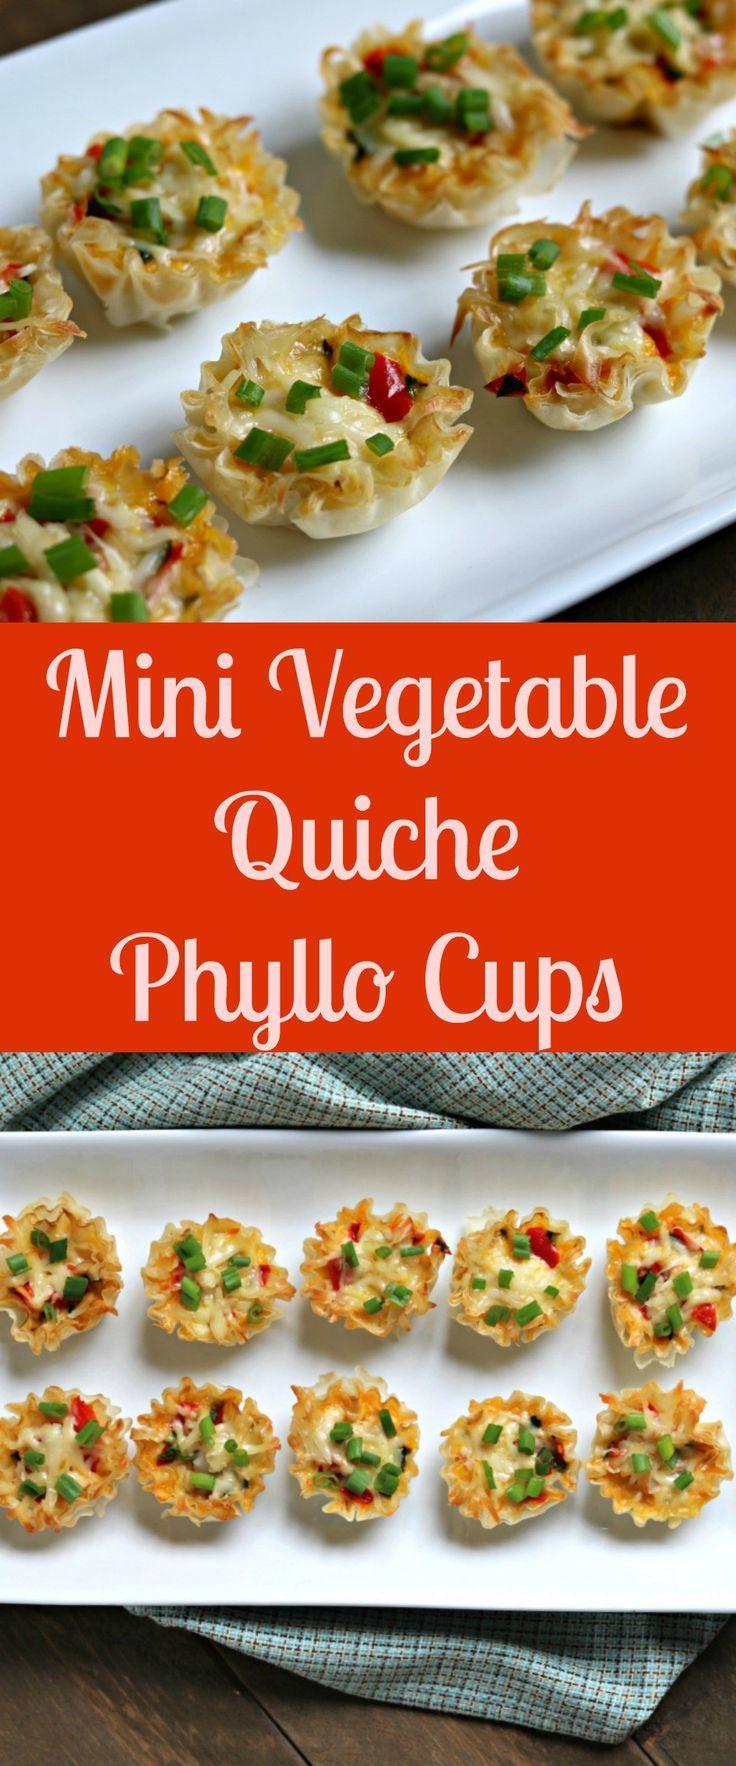 mini quiche phyllo cups